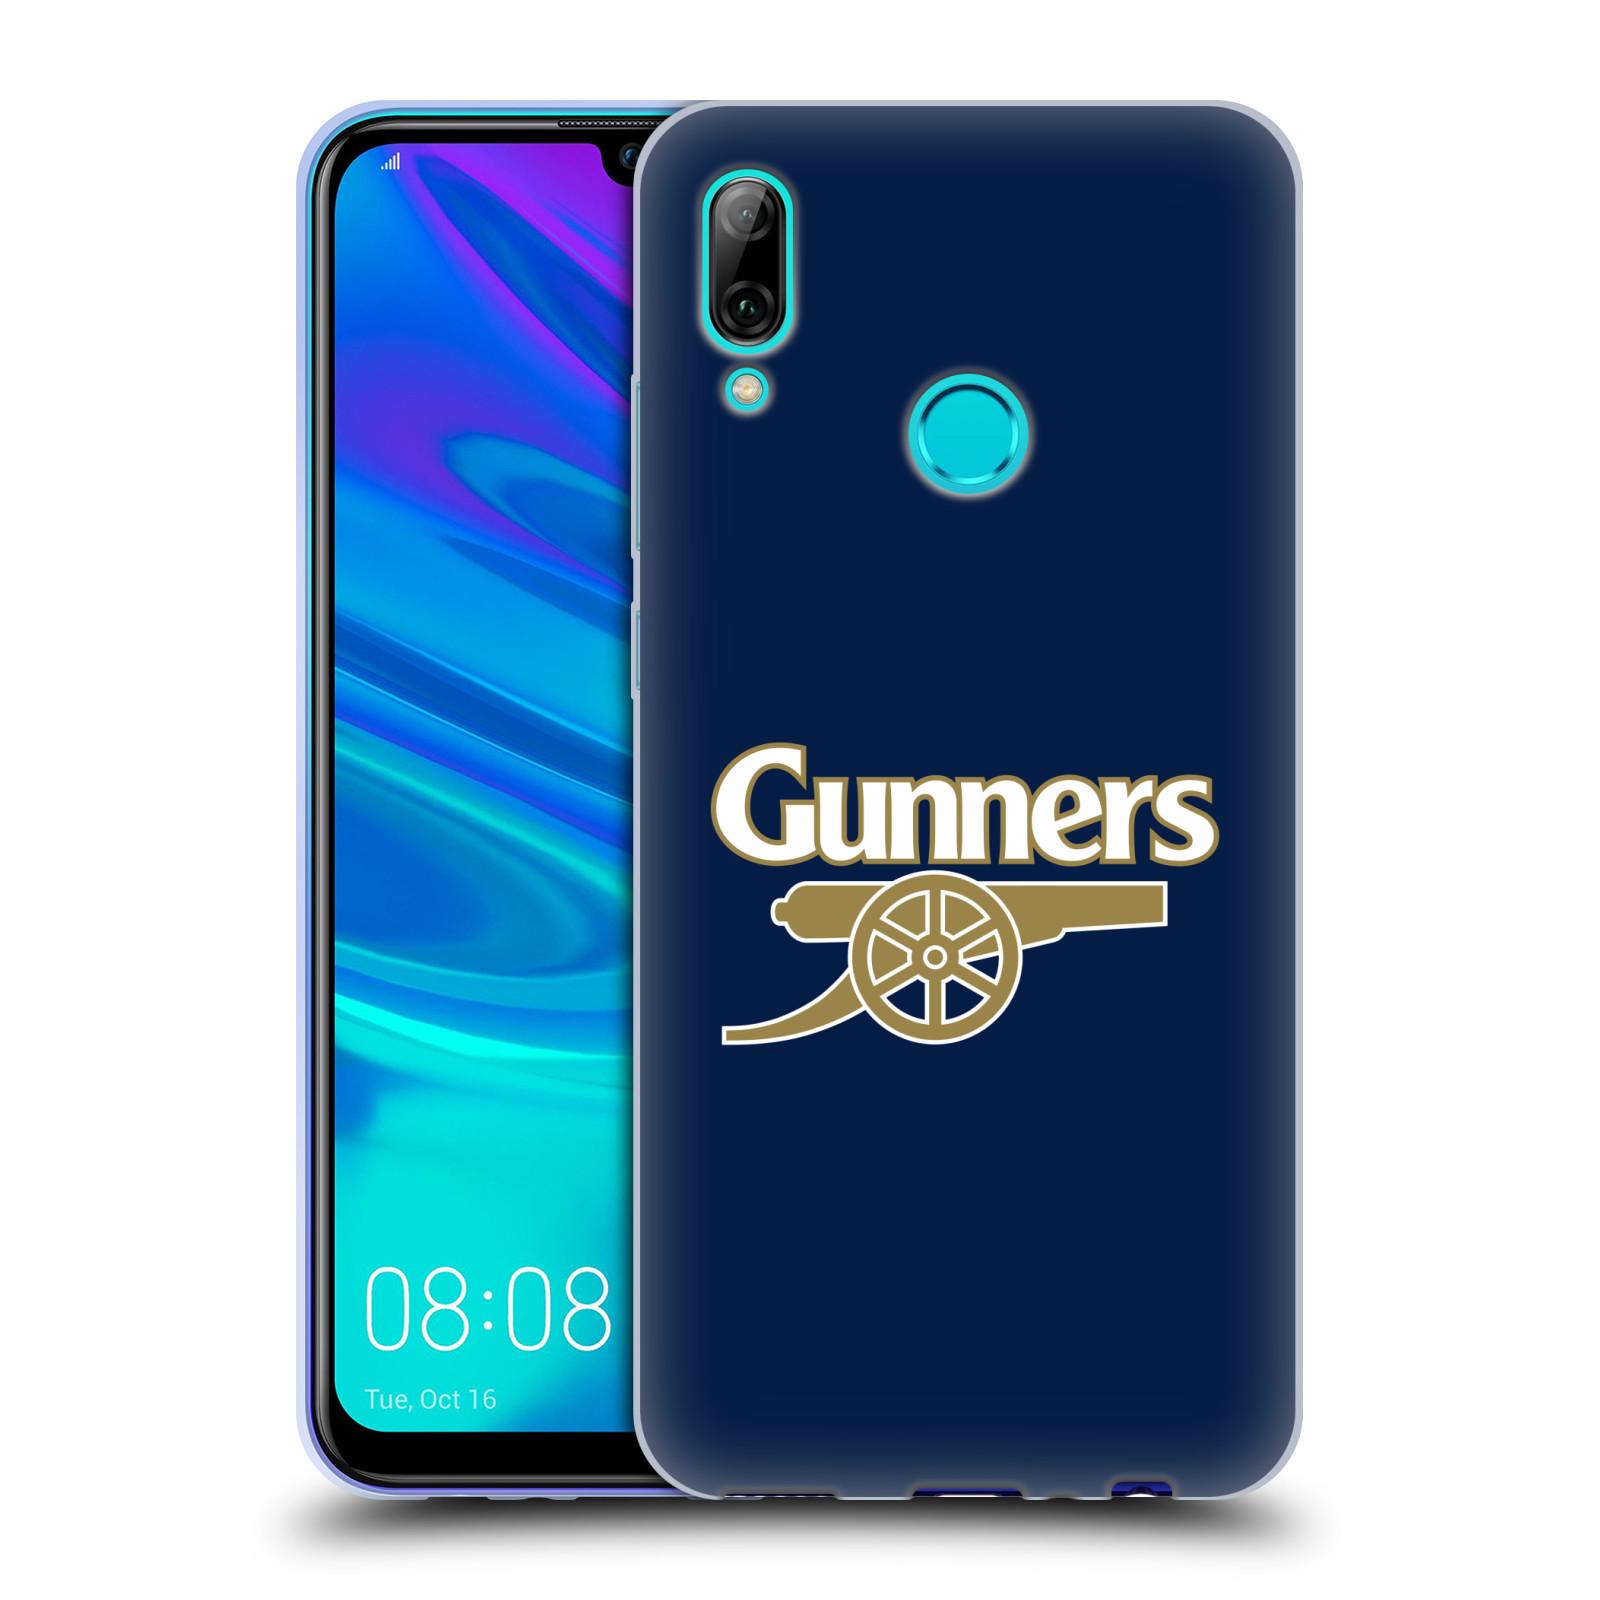 Silikonové pouzdro na mobil Huawei P Smart (2019) - Head Case - Arsenal FC - Gunners